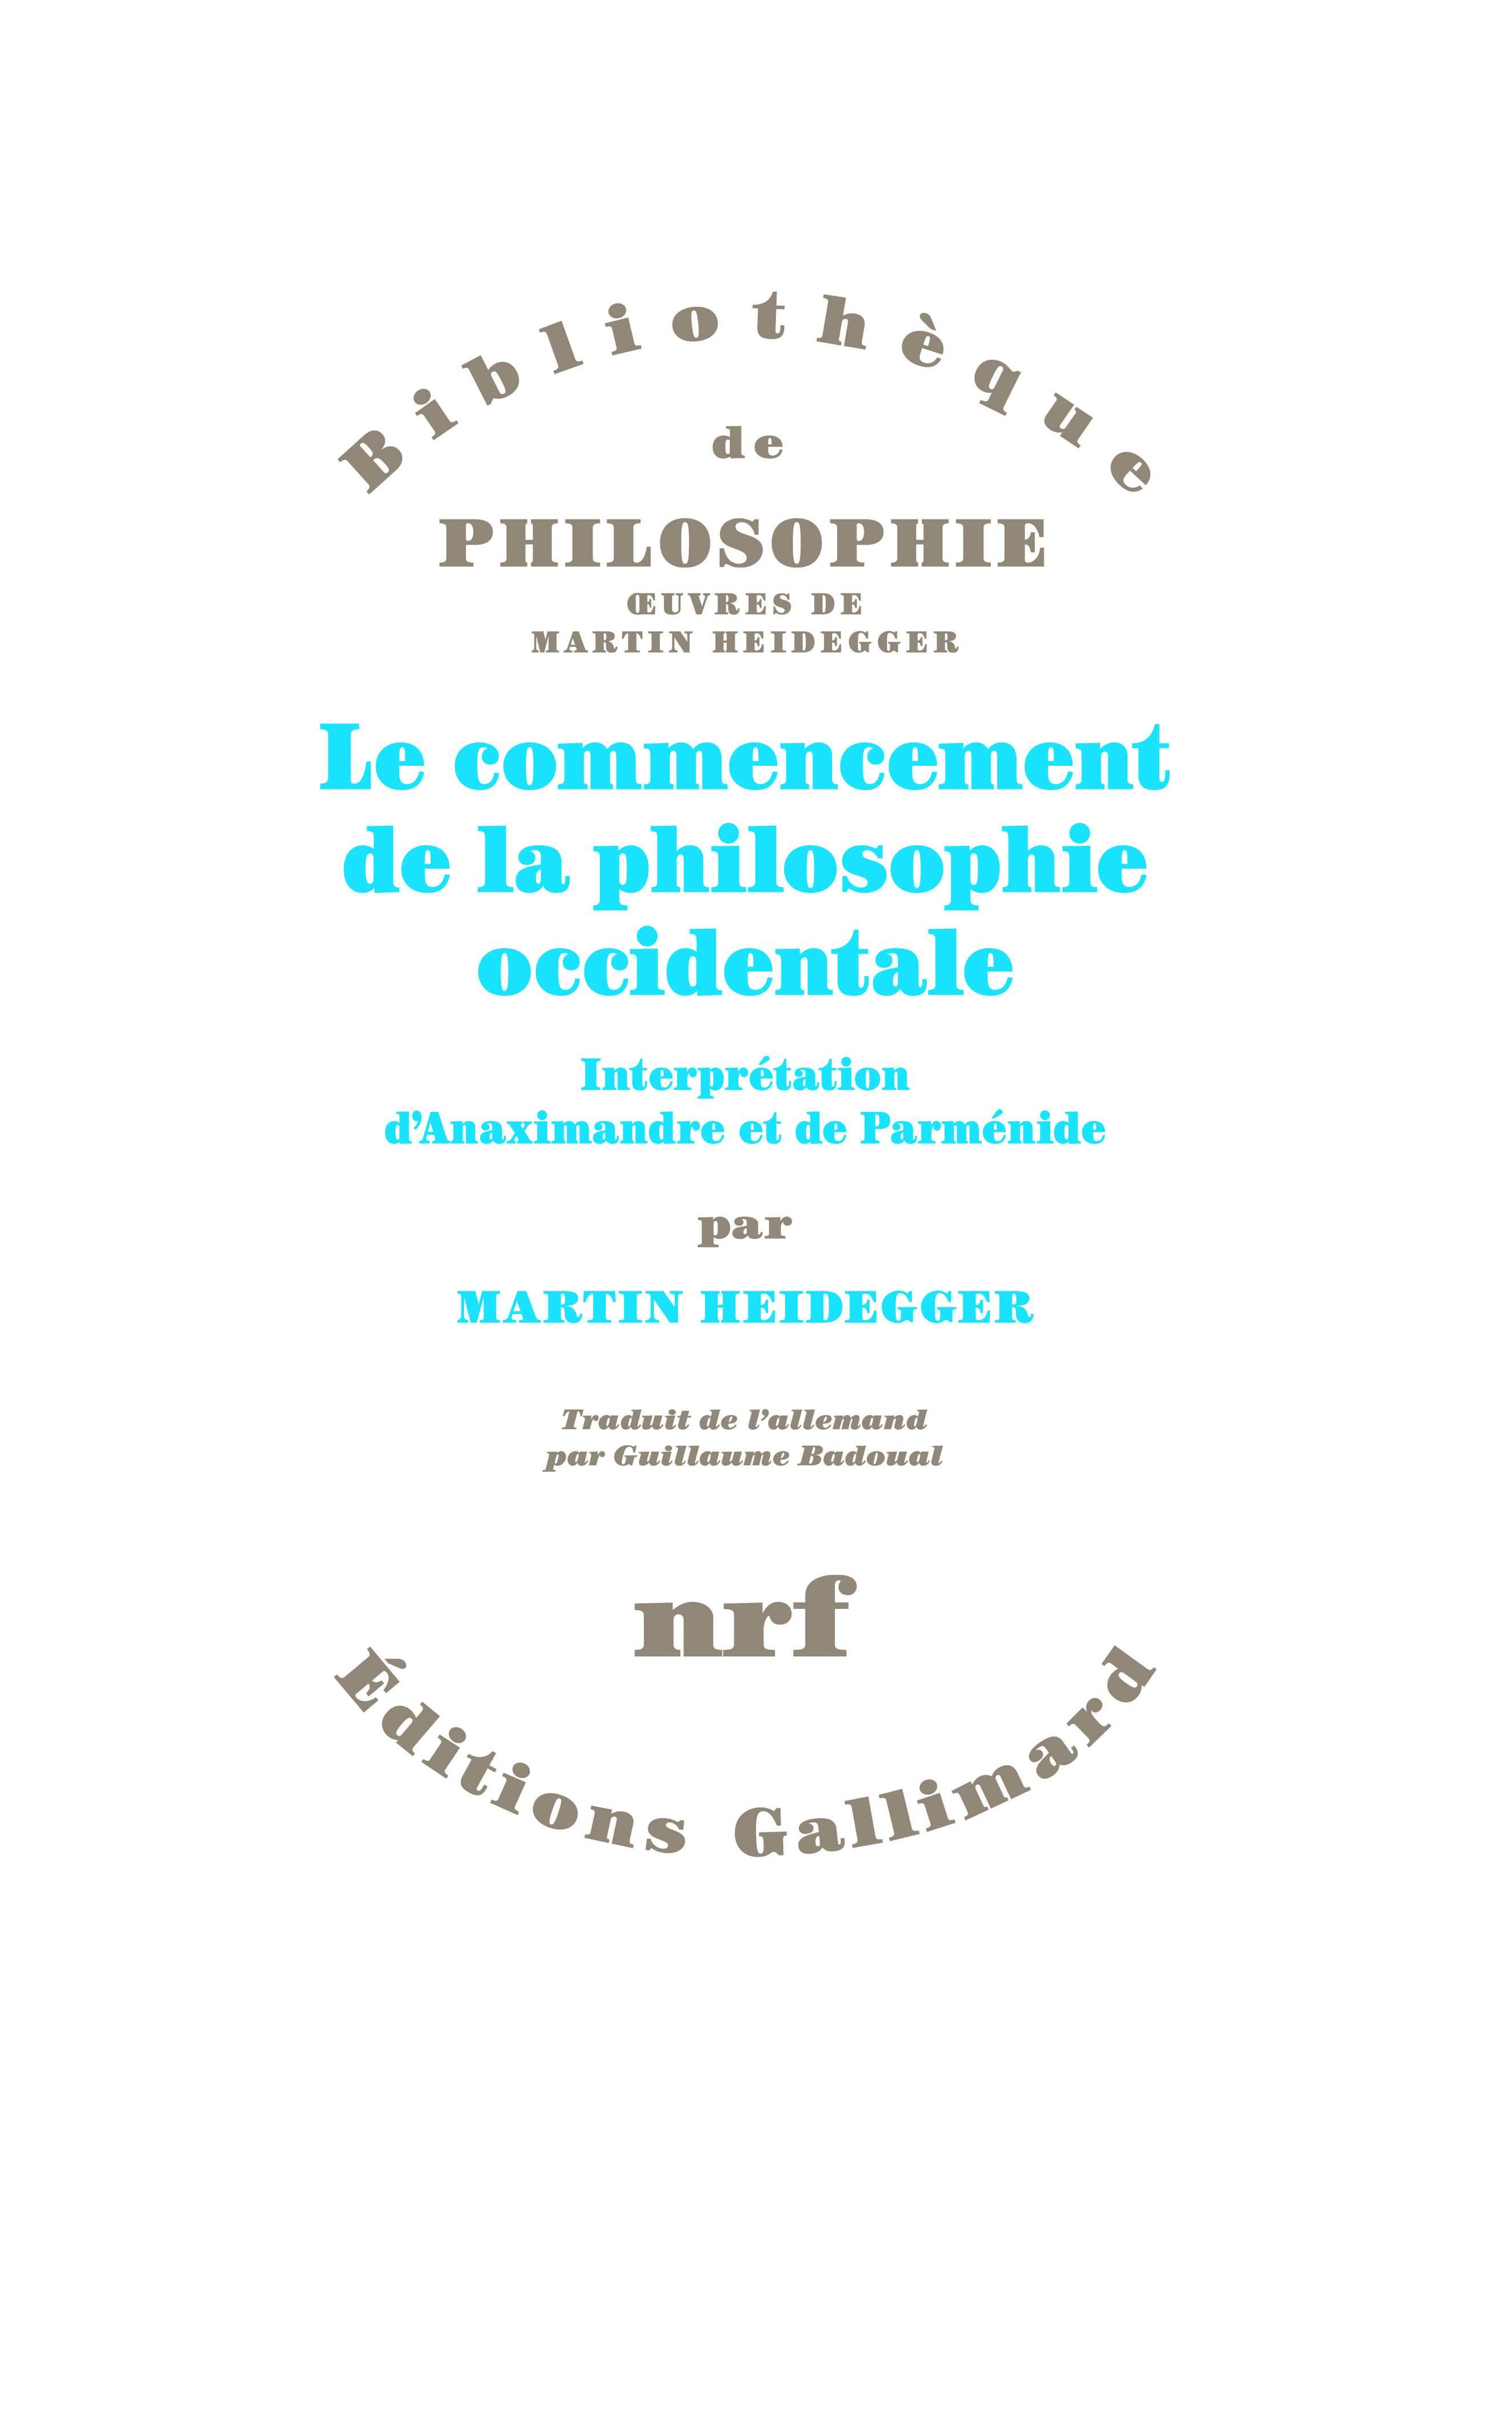 M. Heidegger, Le commencement de la philosophie occidentale. Interprétation d'Anaximandre et de Parménide